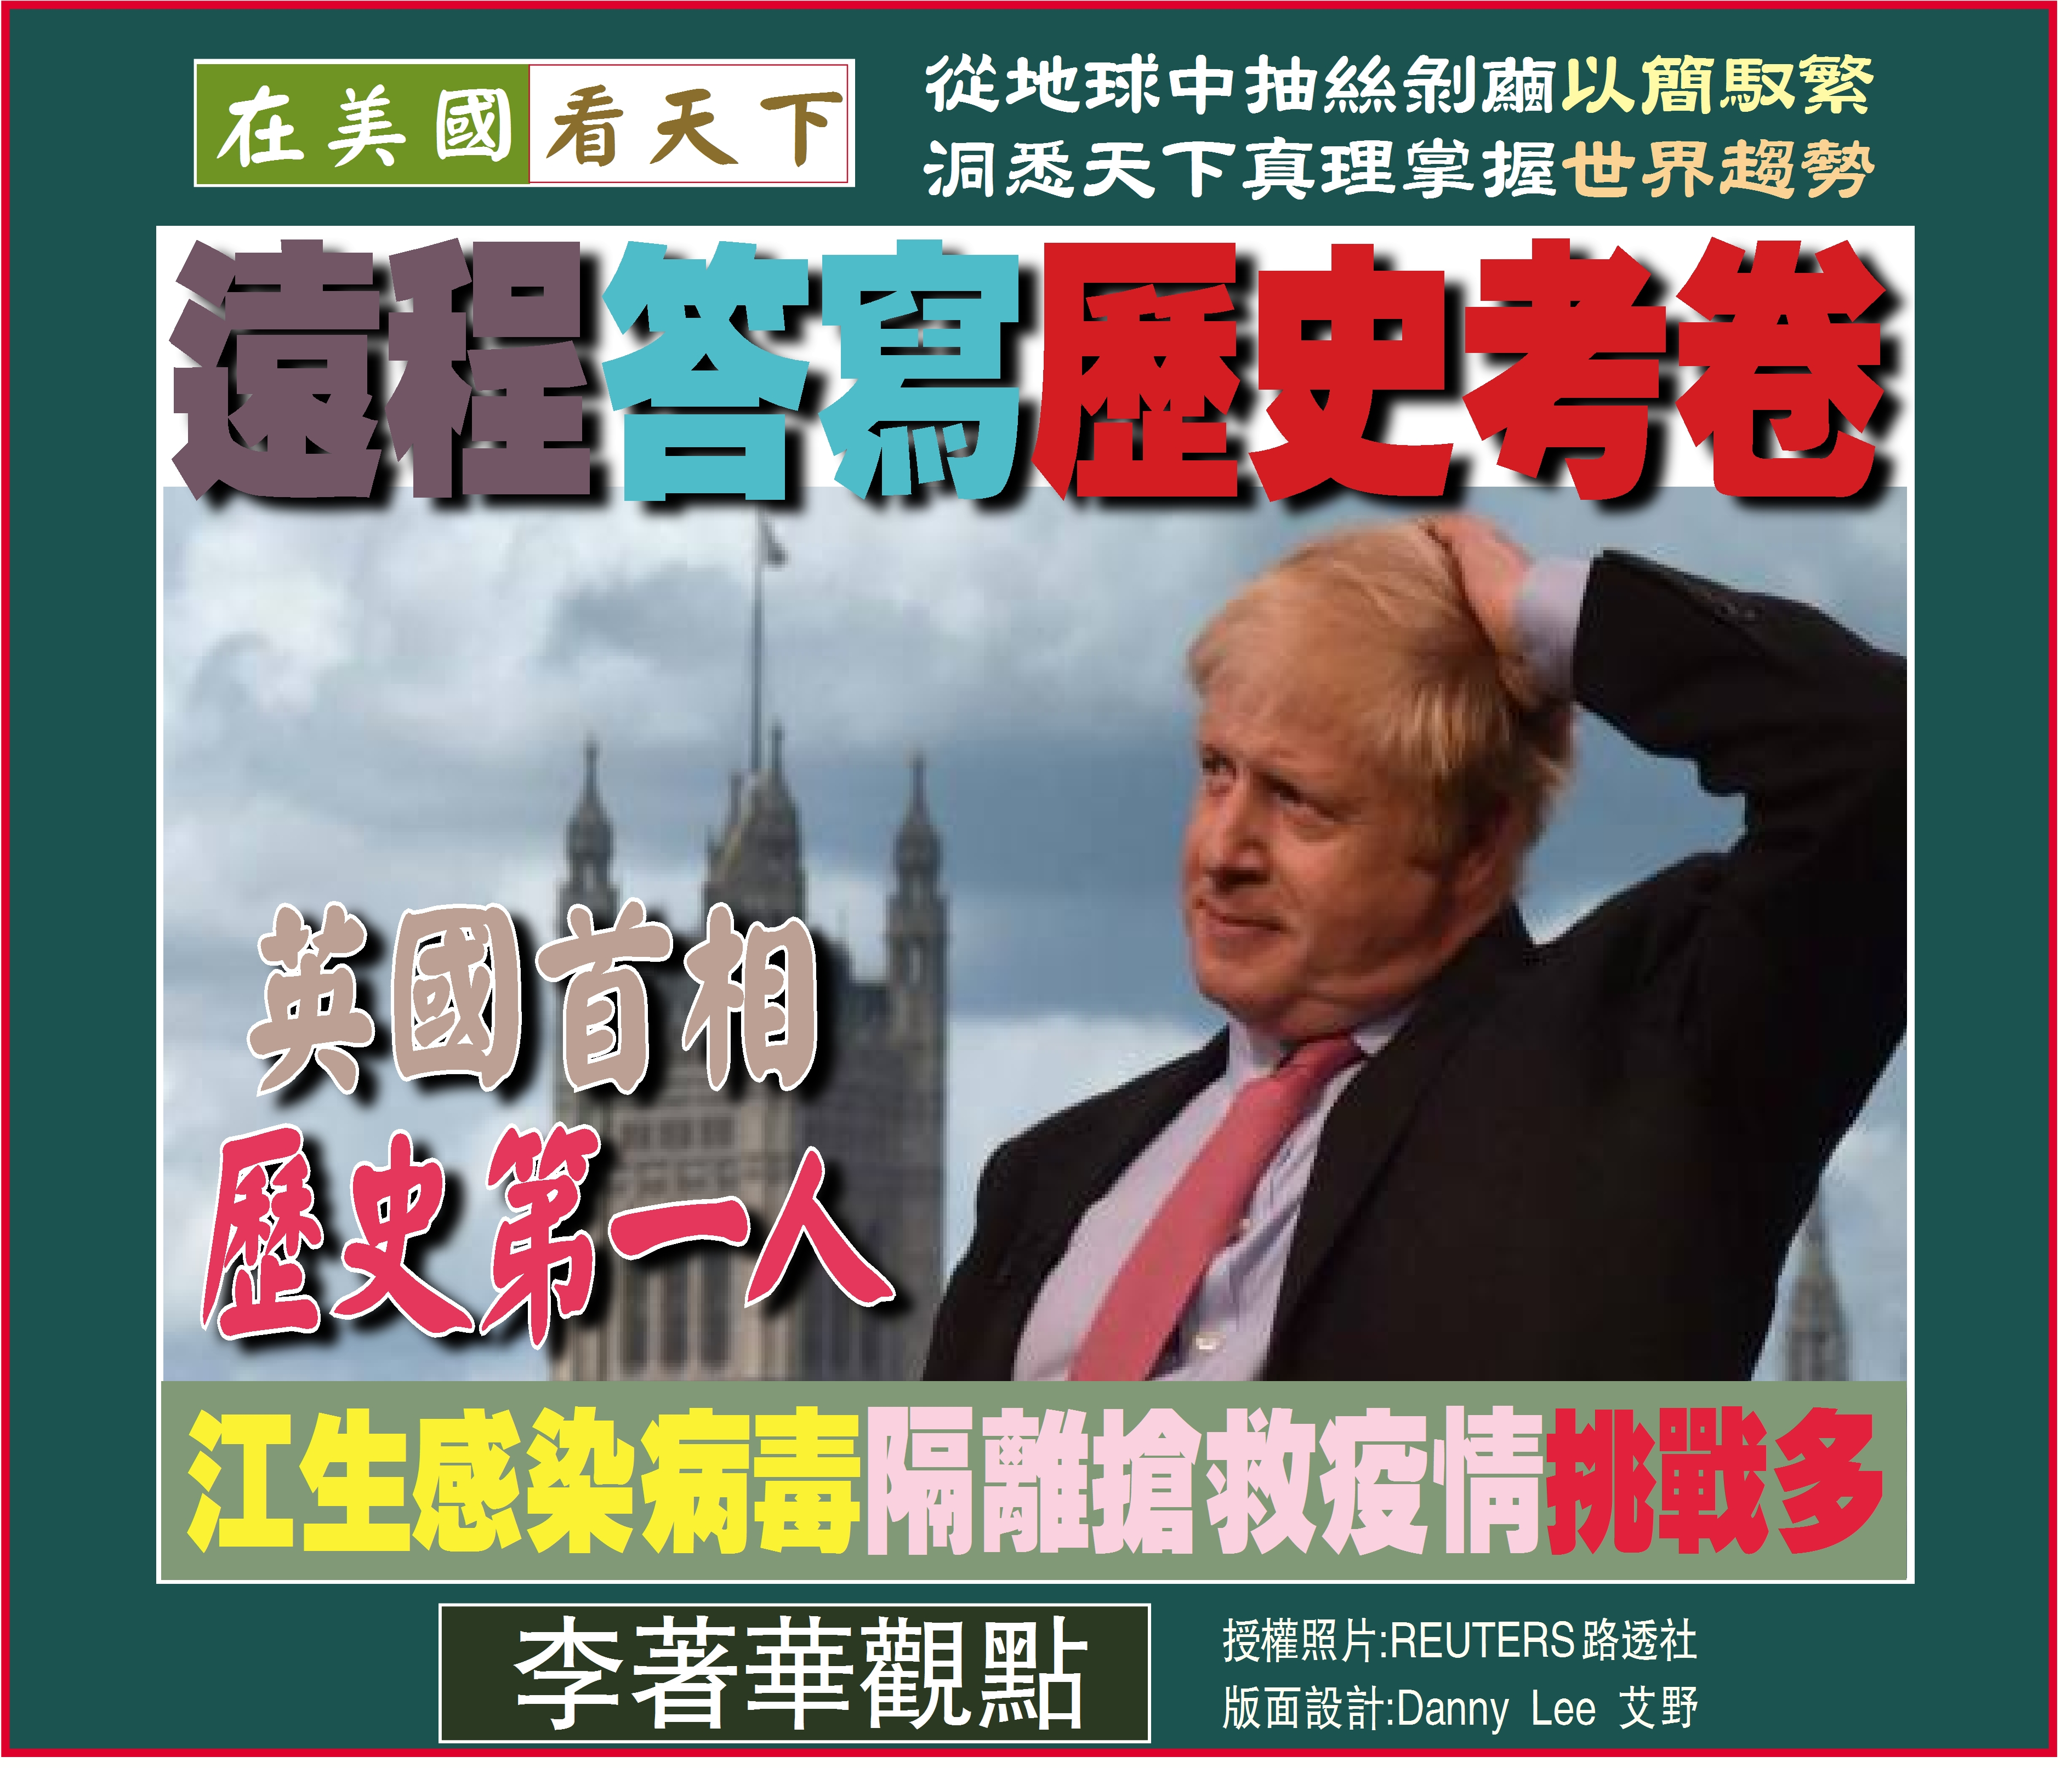 032820-遠程答寫歷史考卷--江生首相感染病毒隔離搶救英國疫情挑戰多-1